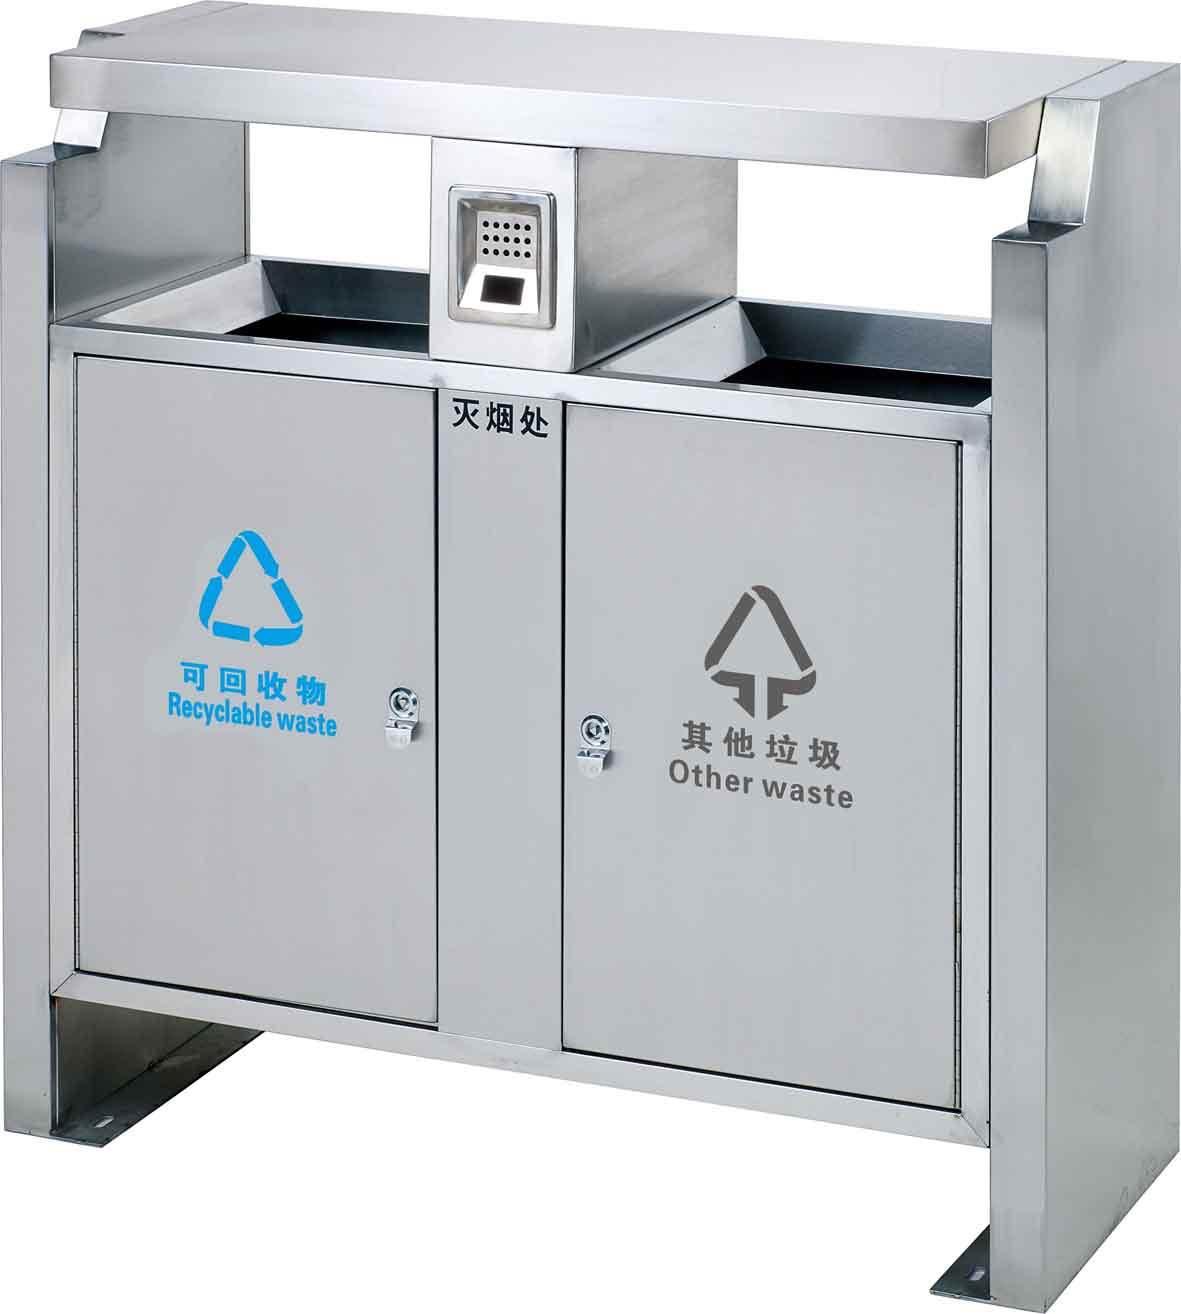 室外垃圾桶-重庆旭雅文环保设备公司